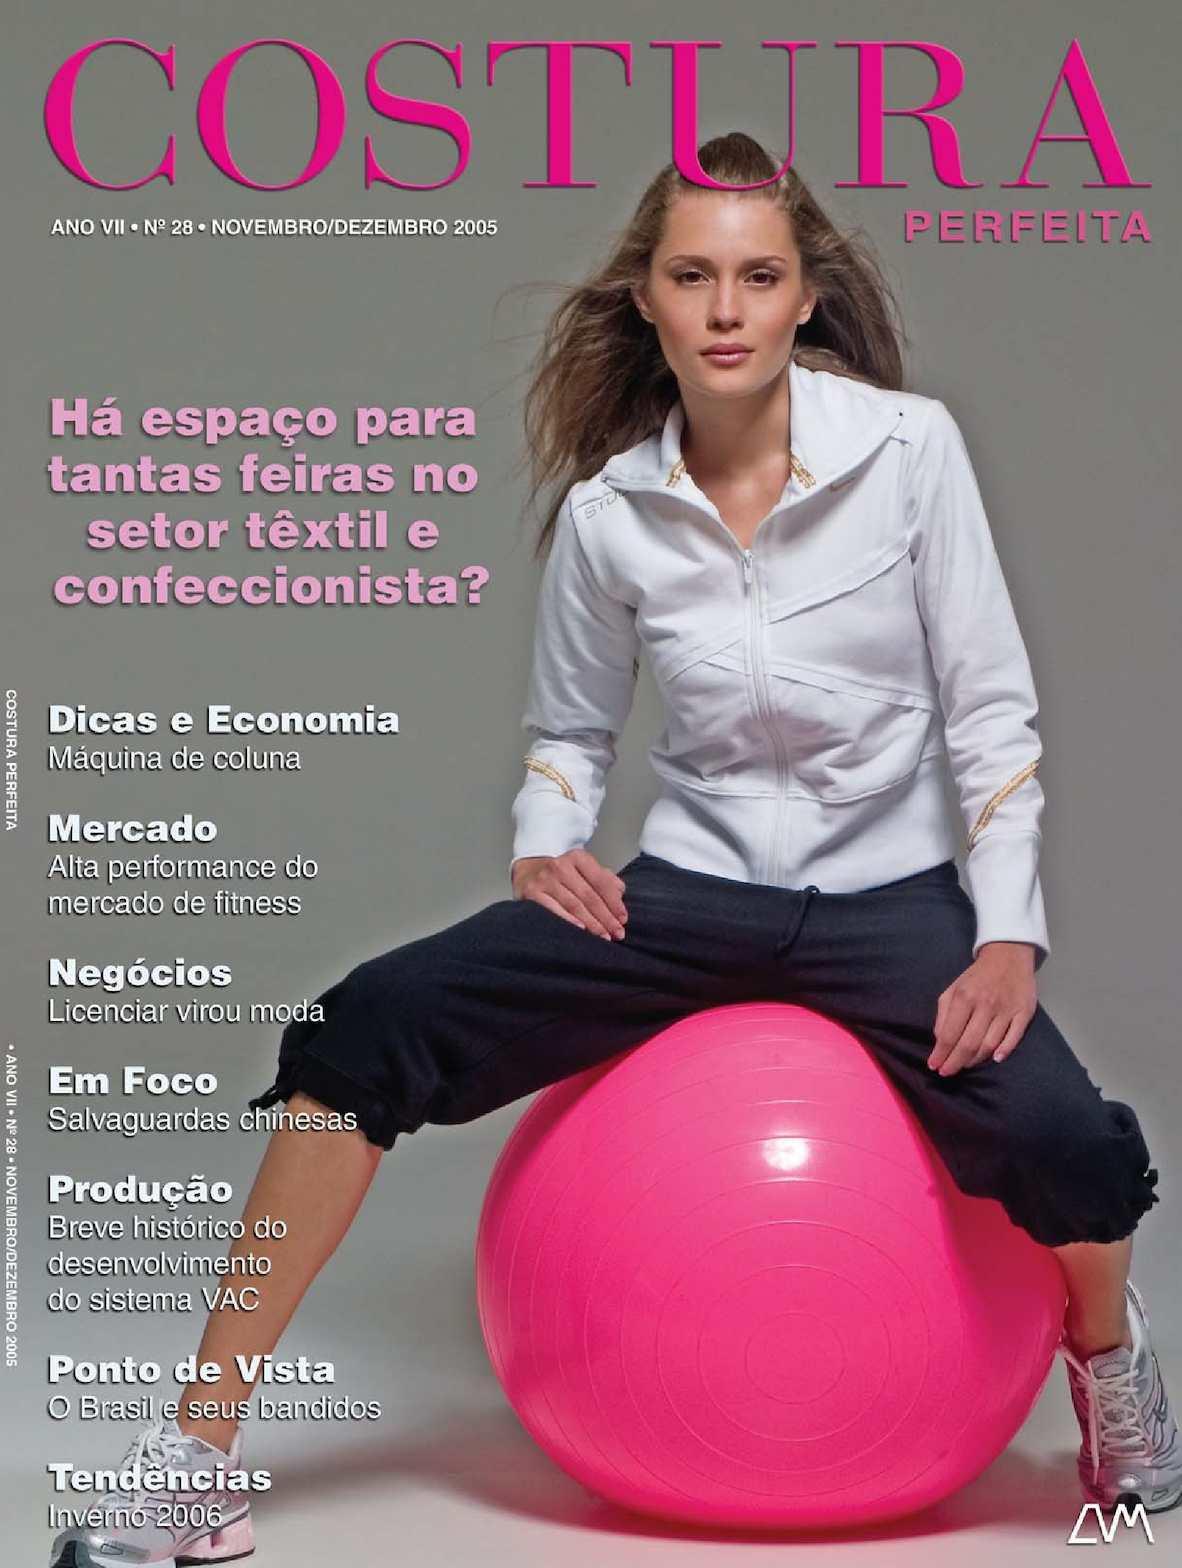 9db338590 Calaméo - Revista Costura Perfeita Edição Ano Vii N28 Novembro Dezembro 2005